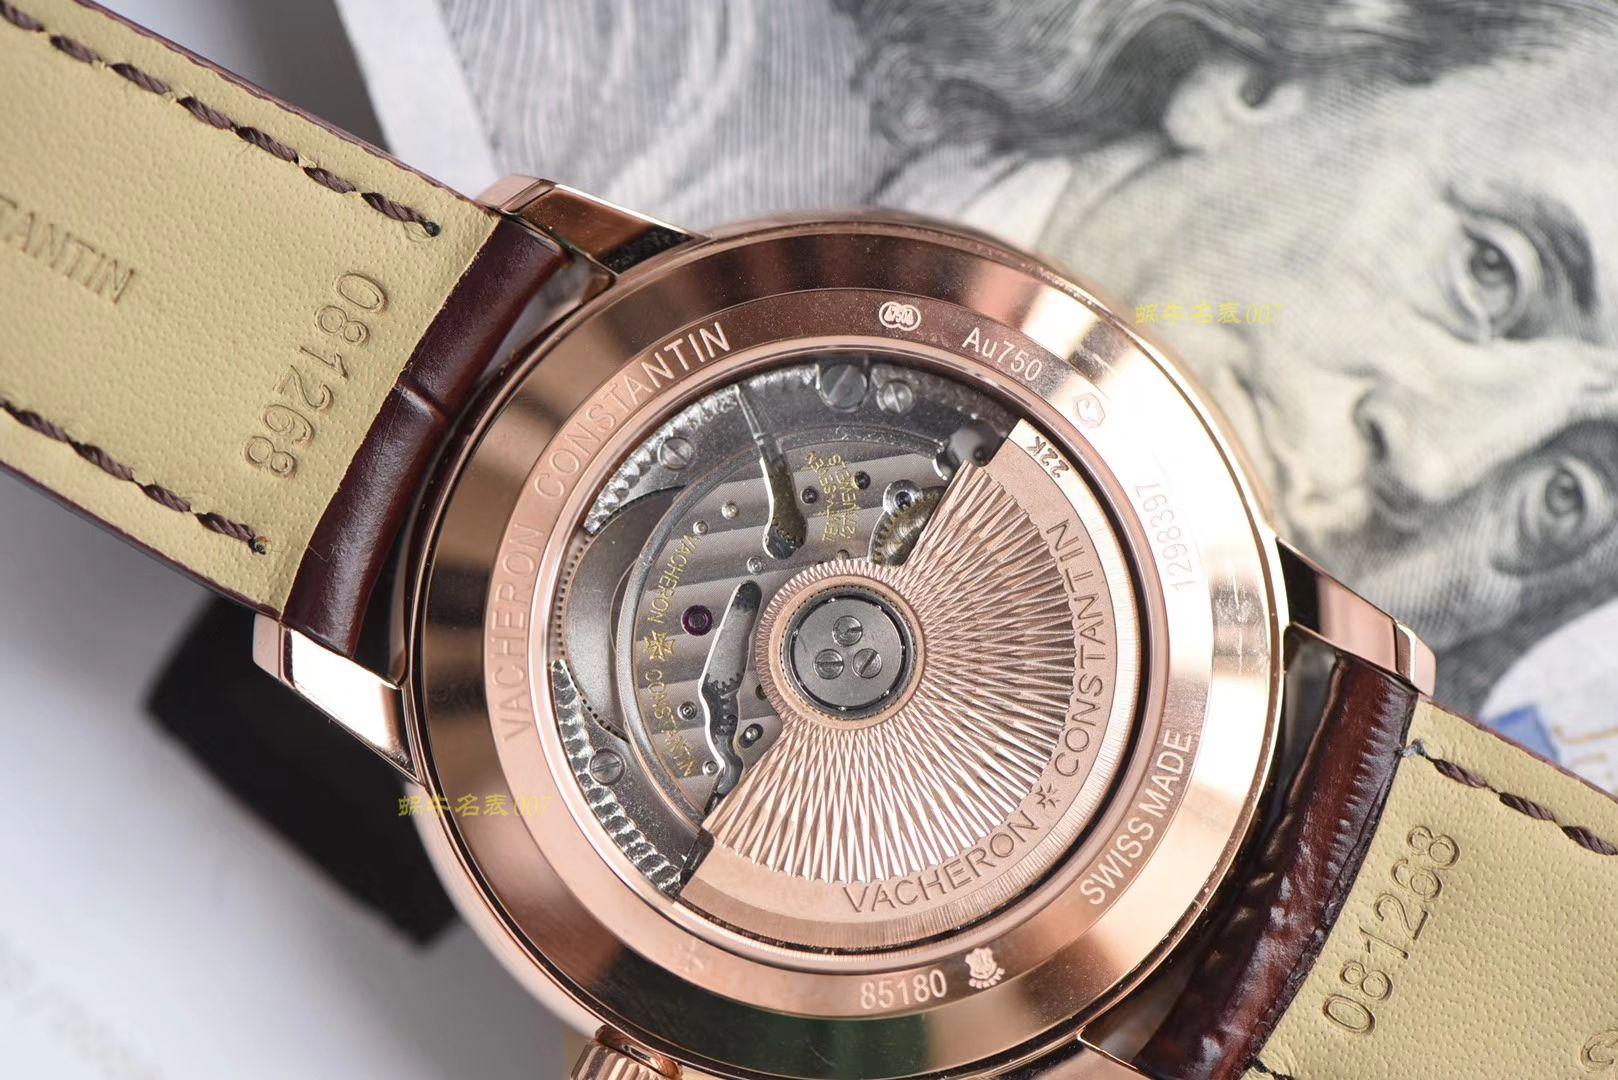 江诗丹顿传承系列85180/000R-9248腕表【顶级高仿克隆手表】 / JS198